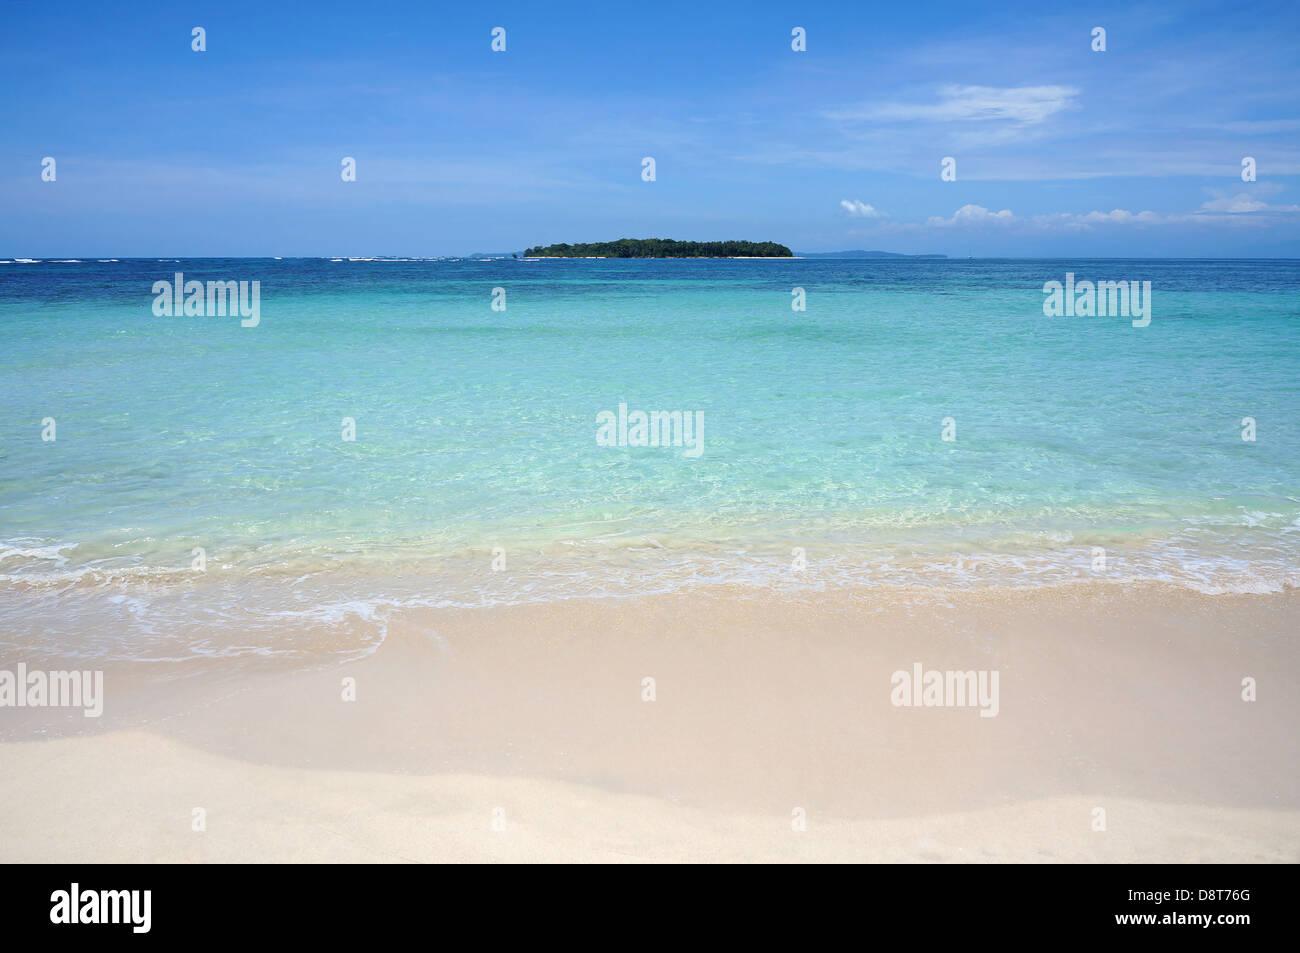 La plage de sable tropicale rive avec l'eau turquoise et d'une île à l'horizon, la mer des Photo Stock